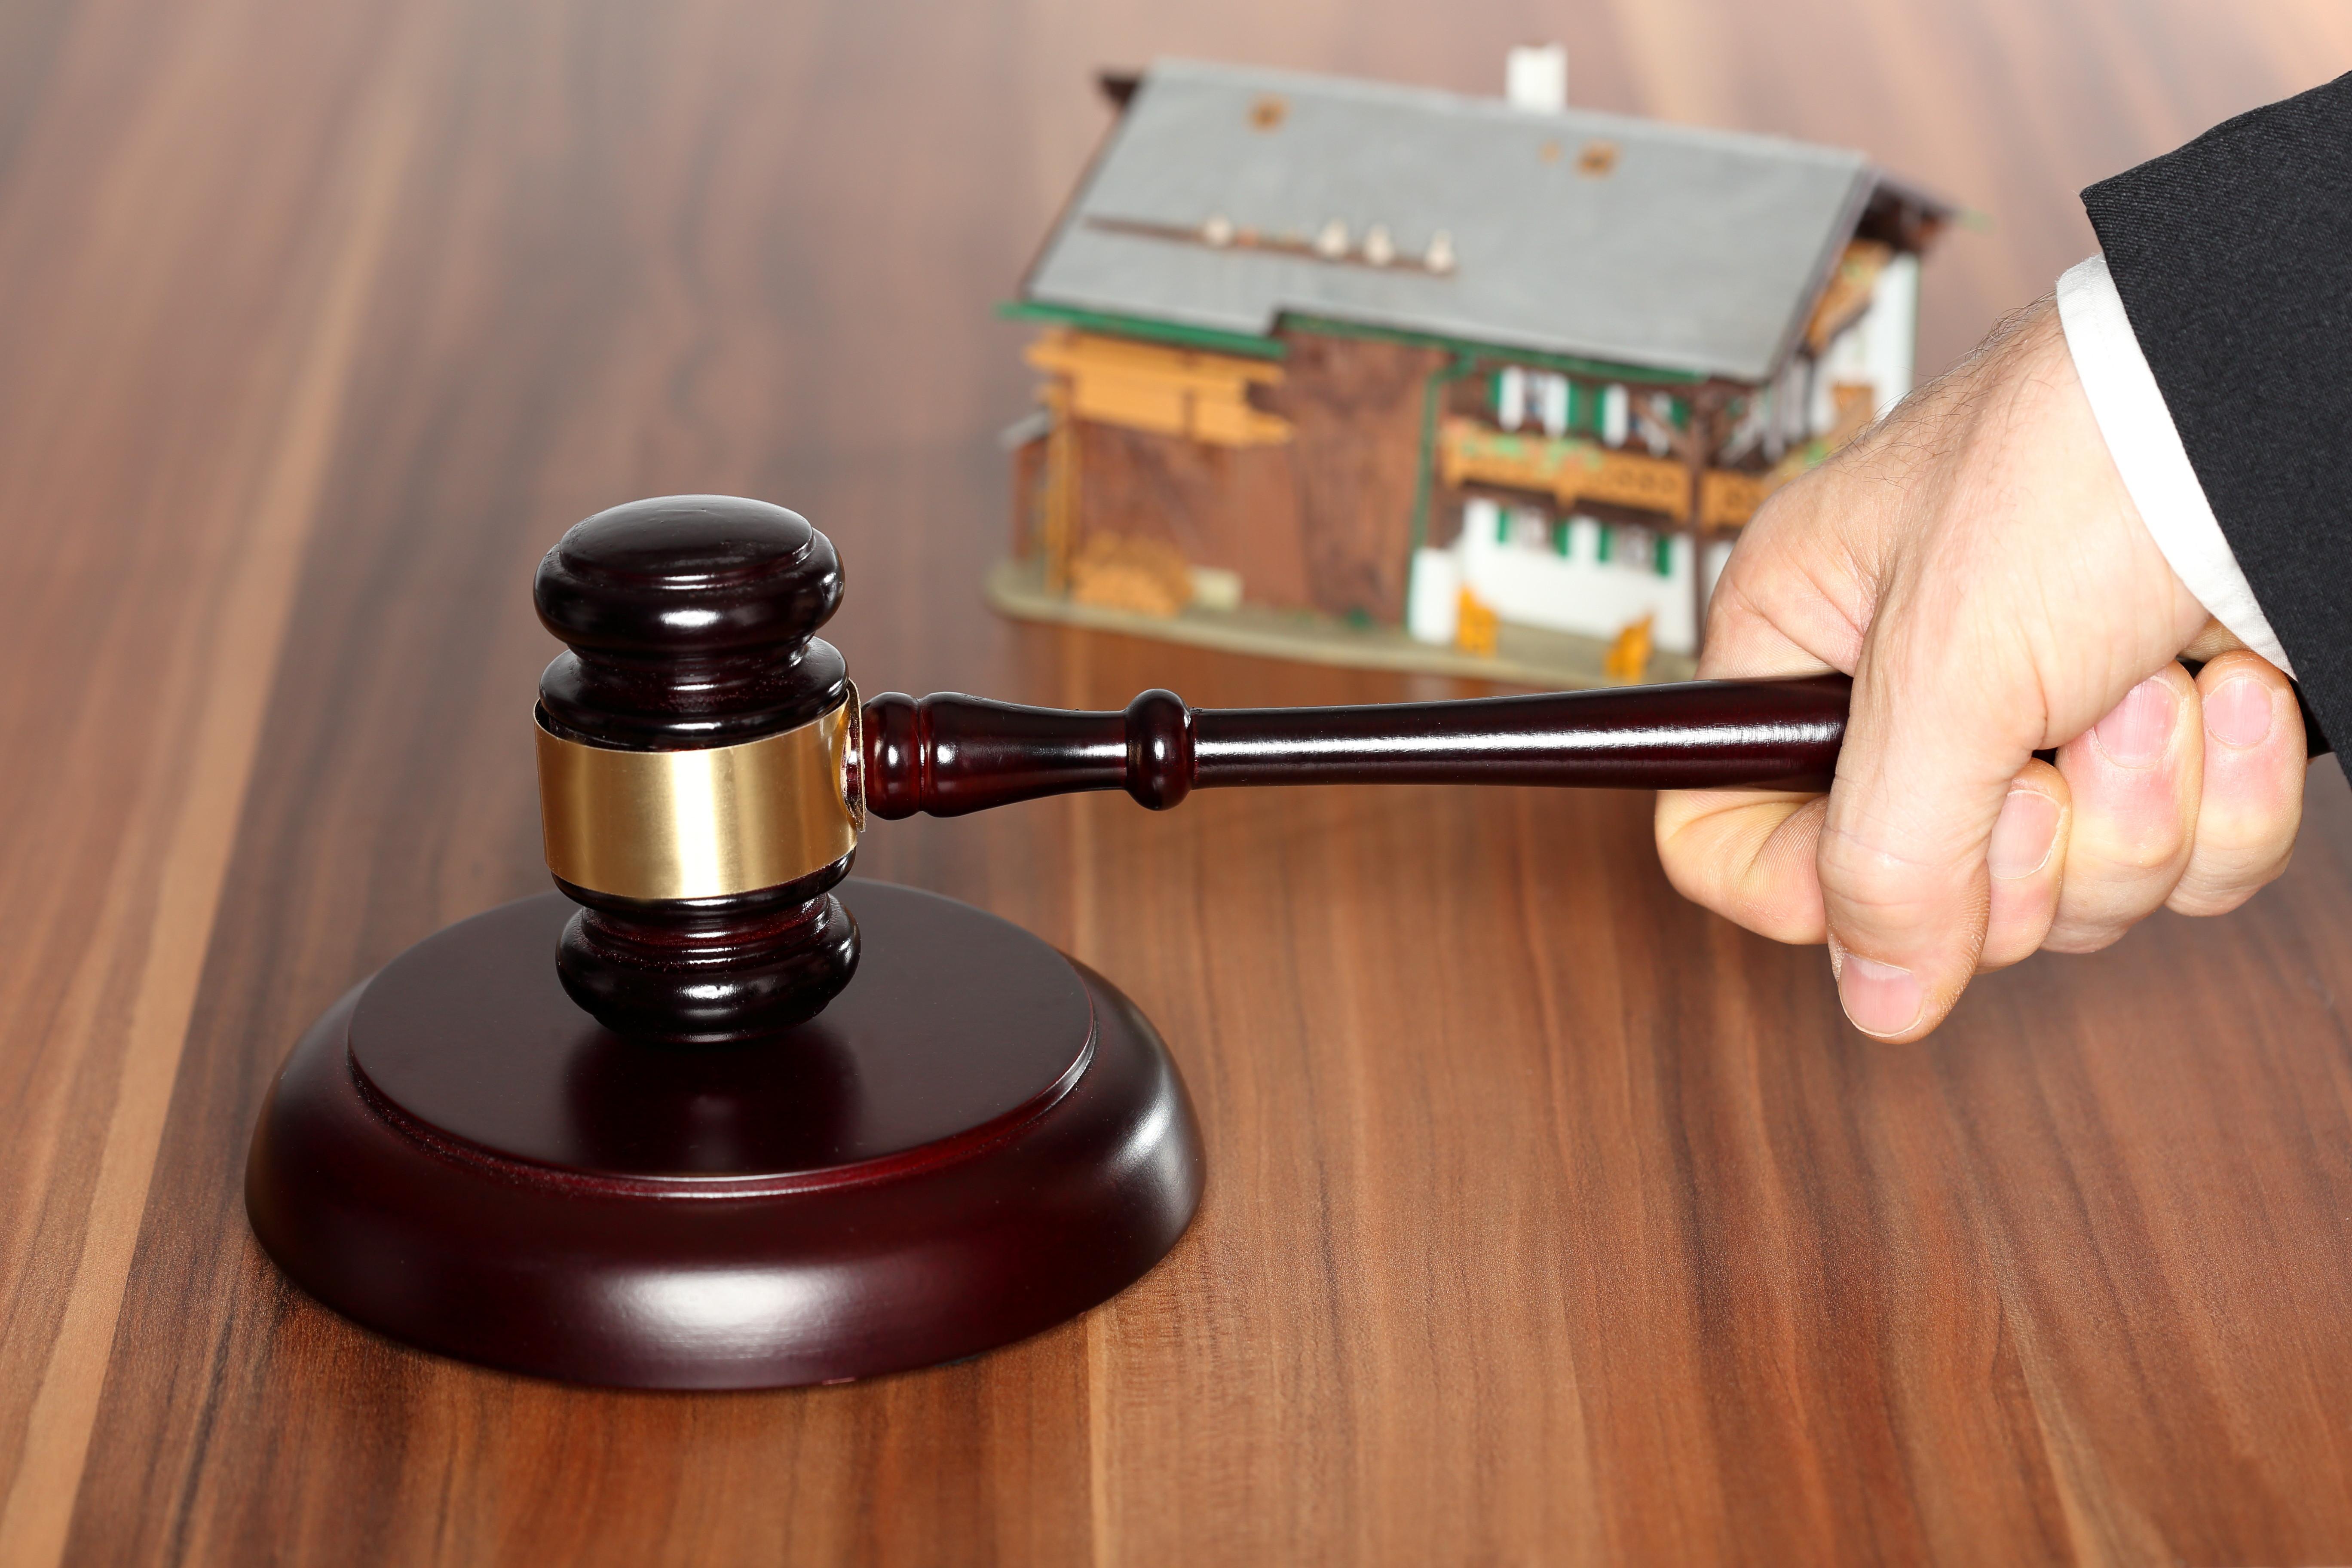 L'ordinanza numero 9842 della Corte di cassazione